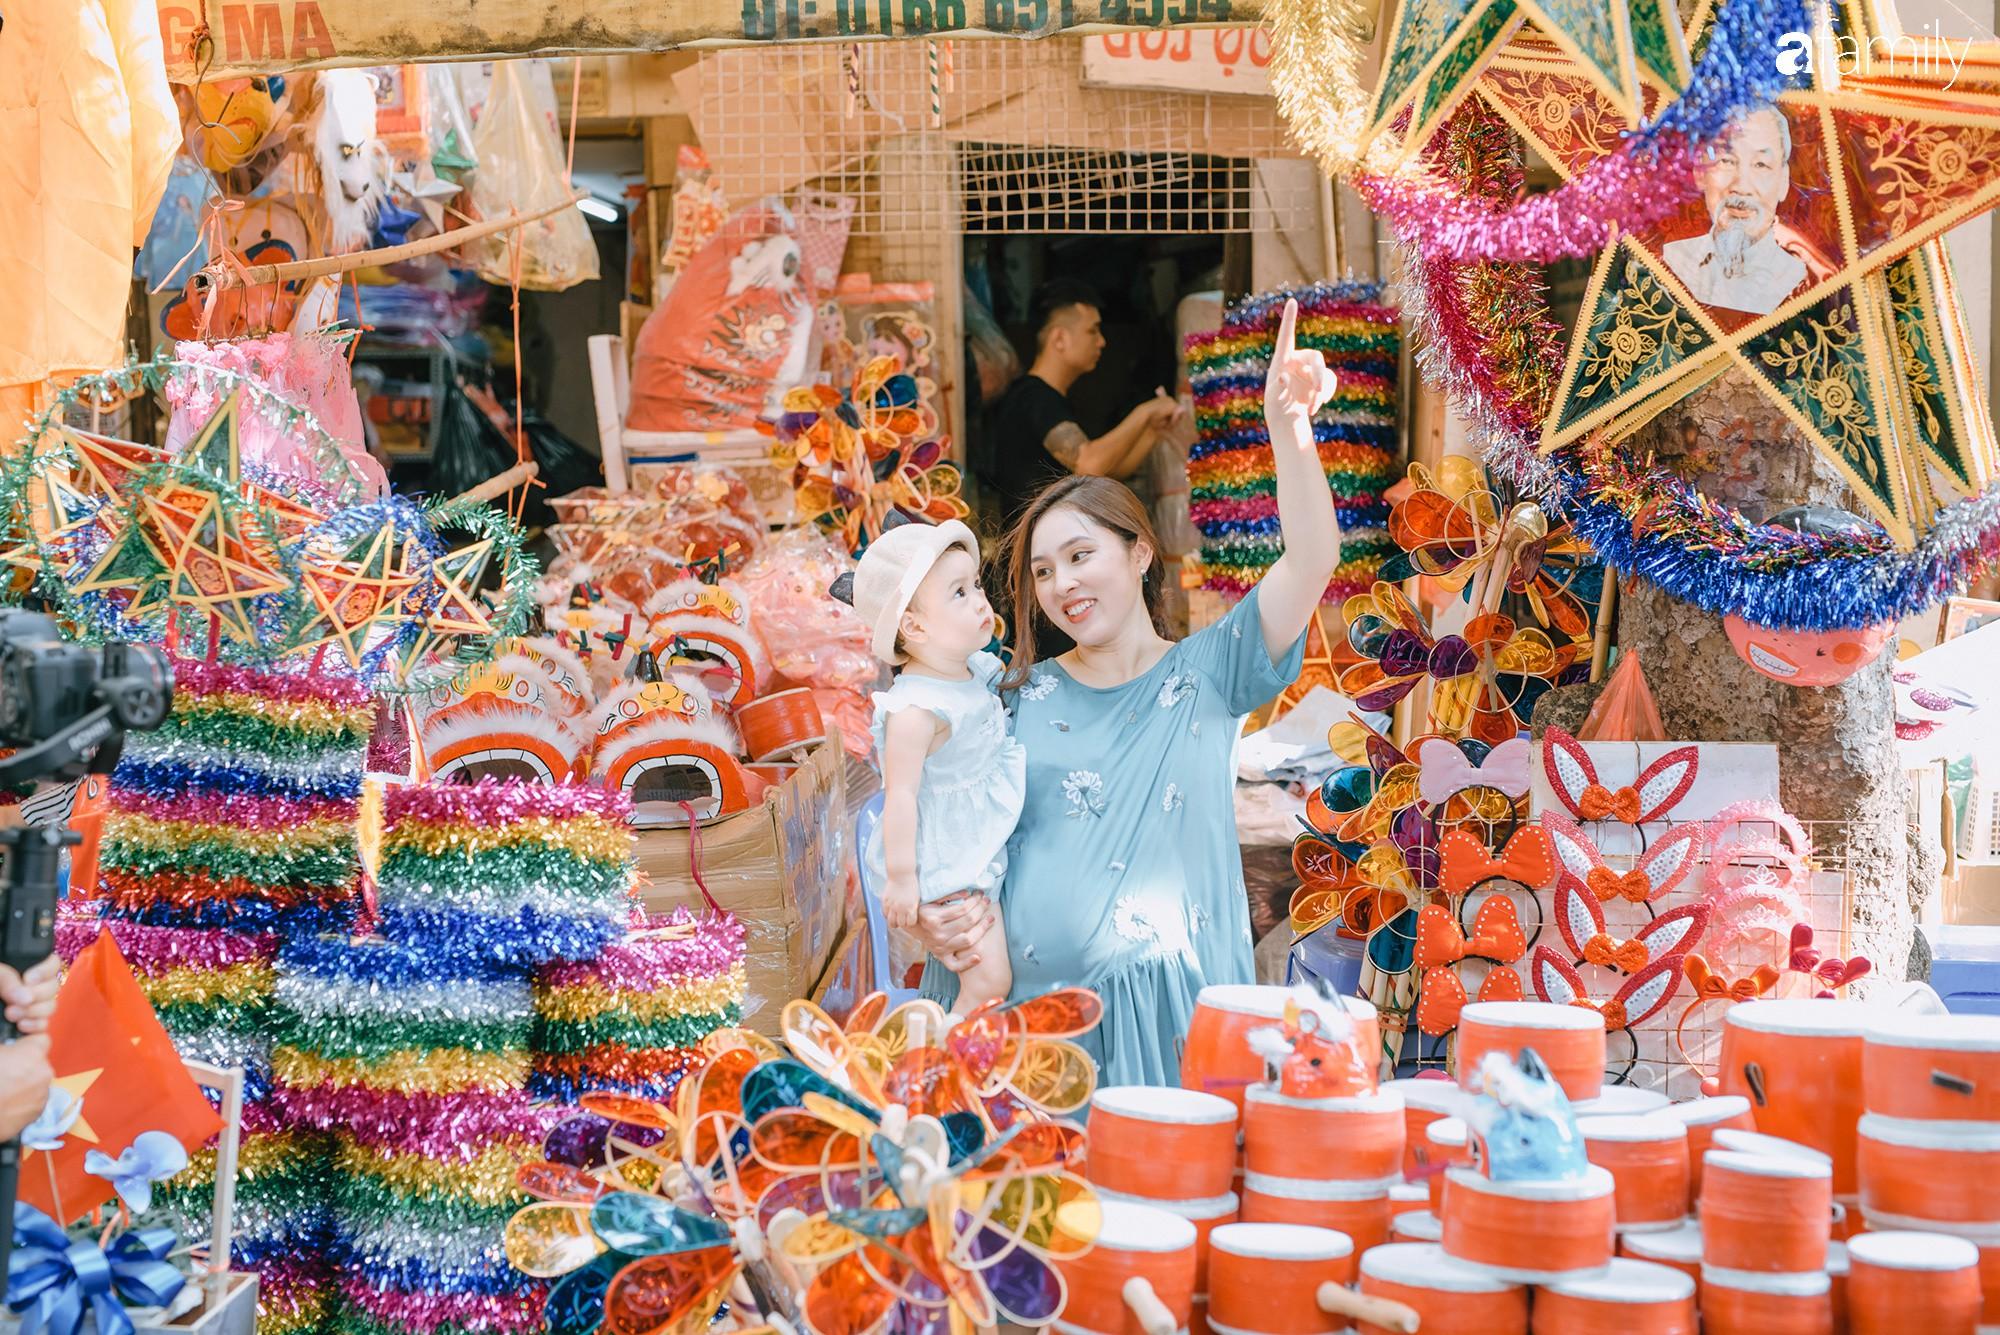 Tinh tế, cầu kỳ như Trung thu truyền thống của người Hà Nội: Chừng nào người lớn còn mặn nồng, truyền thống làm sao mà nhạt được - Ảnh 15.